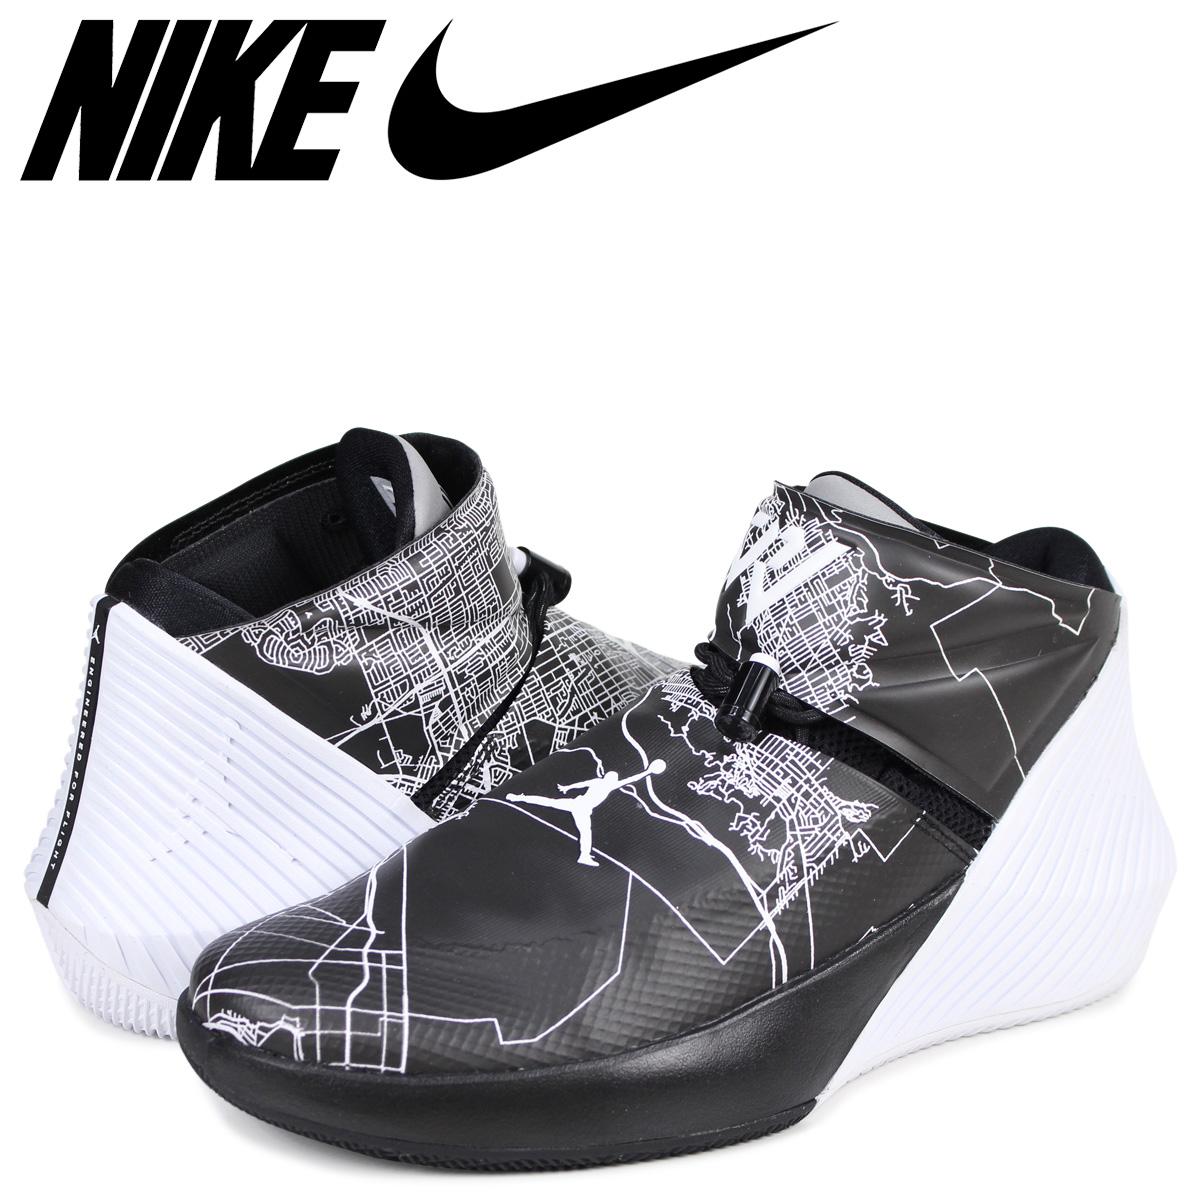 all the jordan sneakers